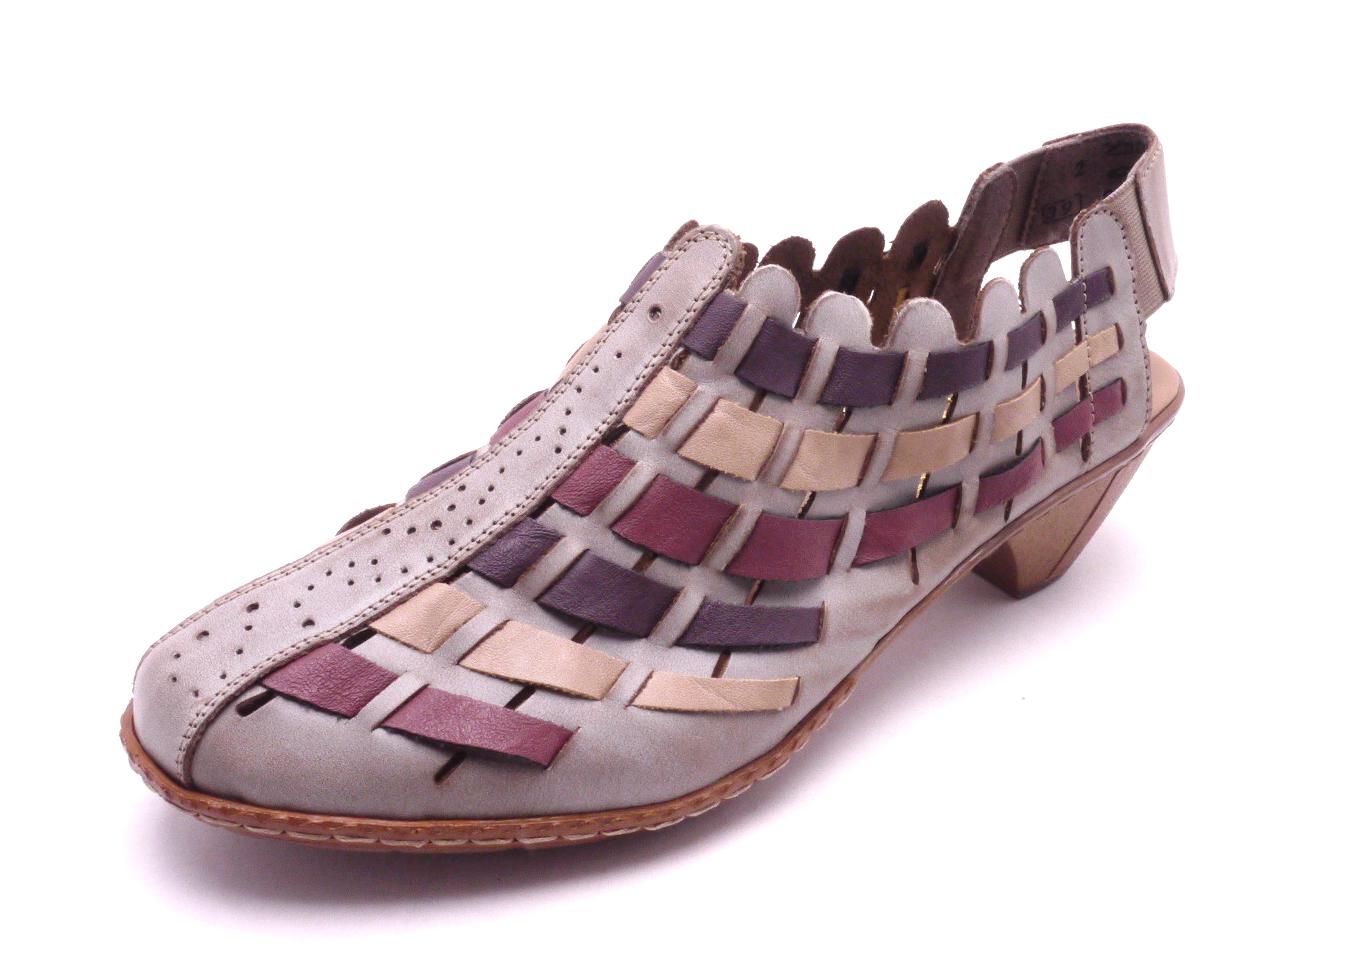 Rieker Dámská proplétaná obuv 46778-62 Velikost: 42